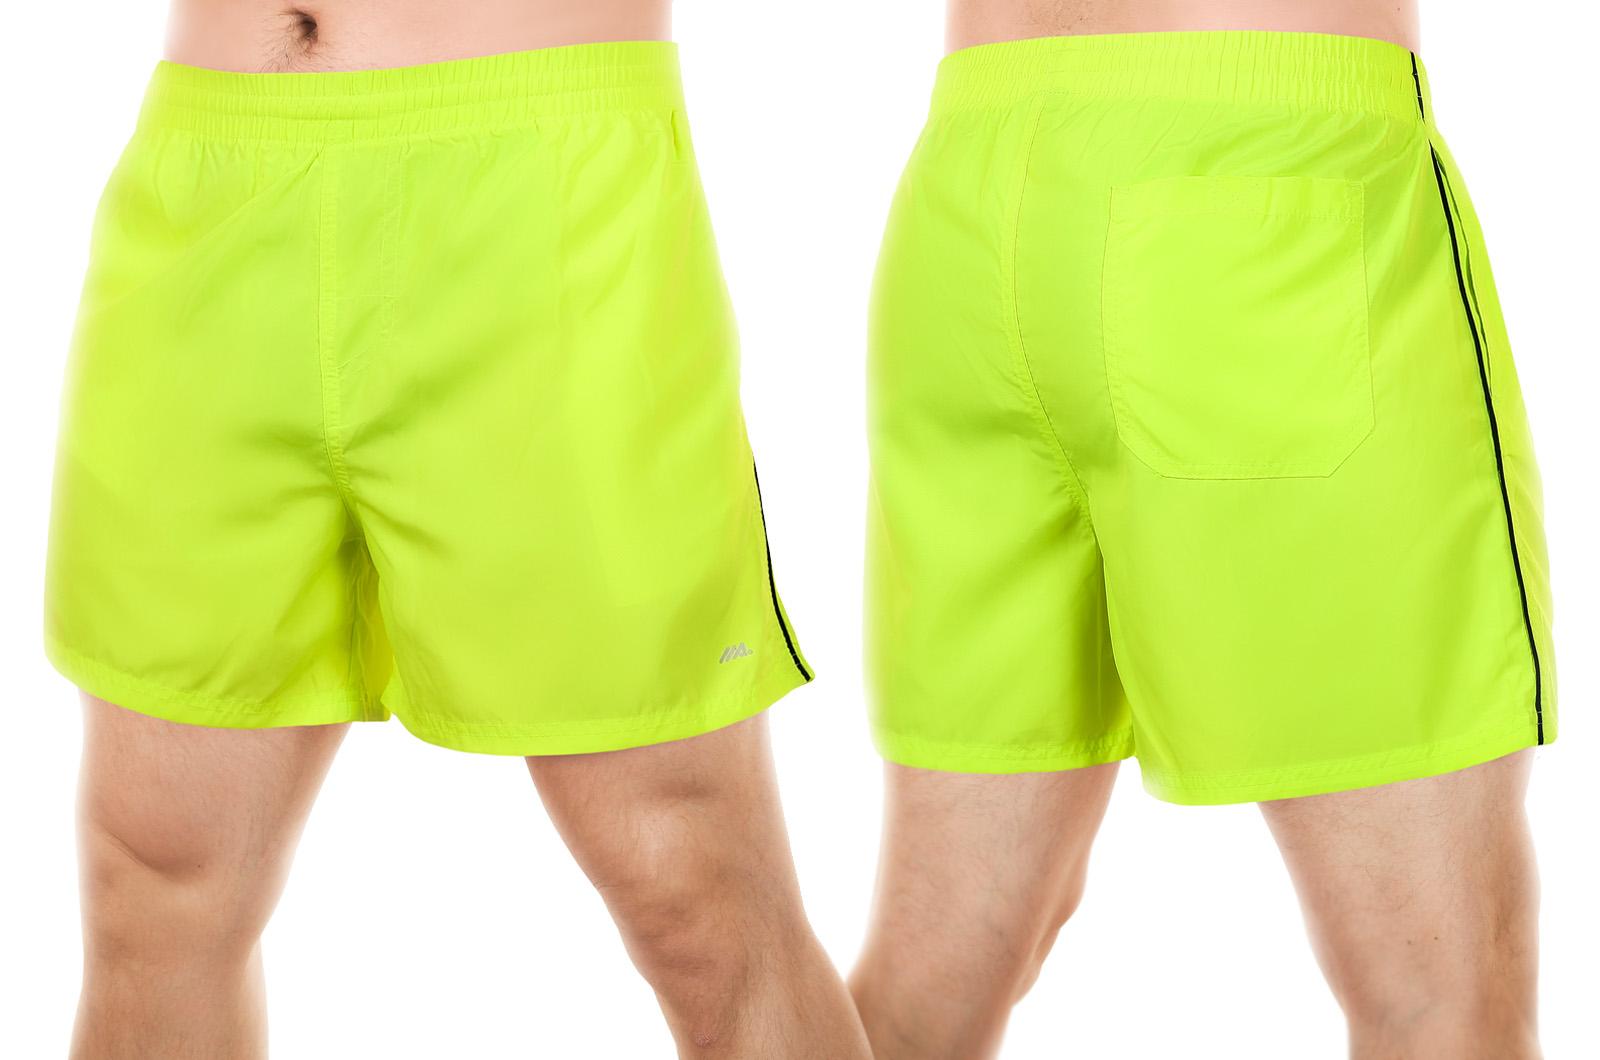 Заказать чумовые пляжные шорты для крутых пацанов от канадского производителя MACE